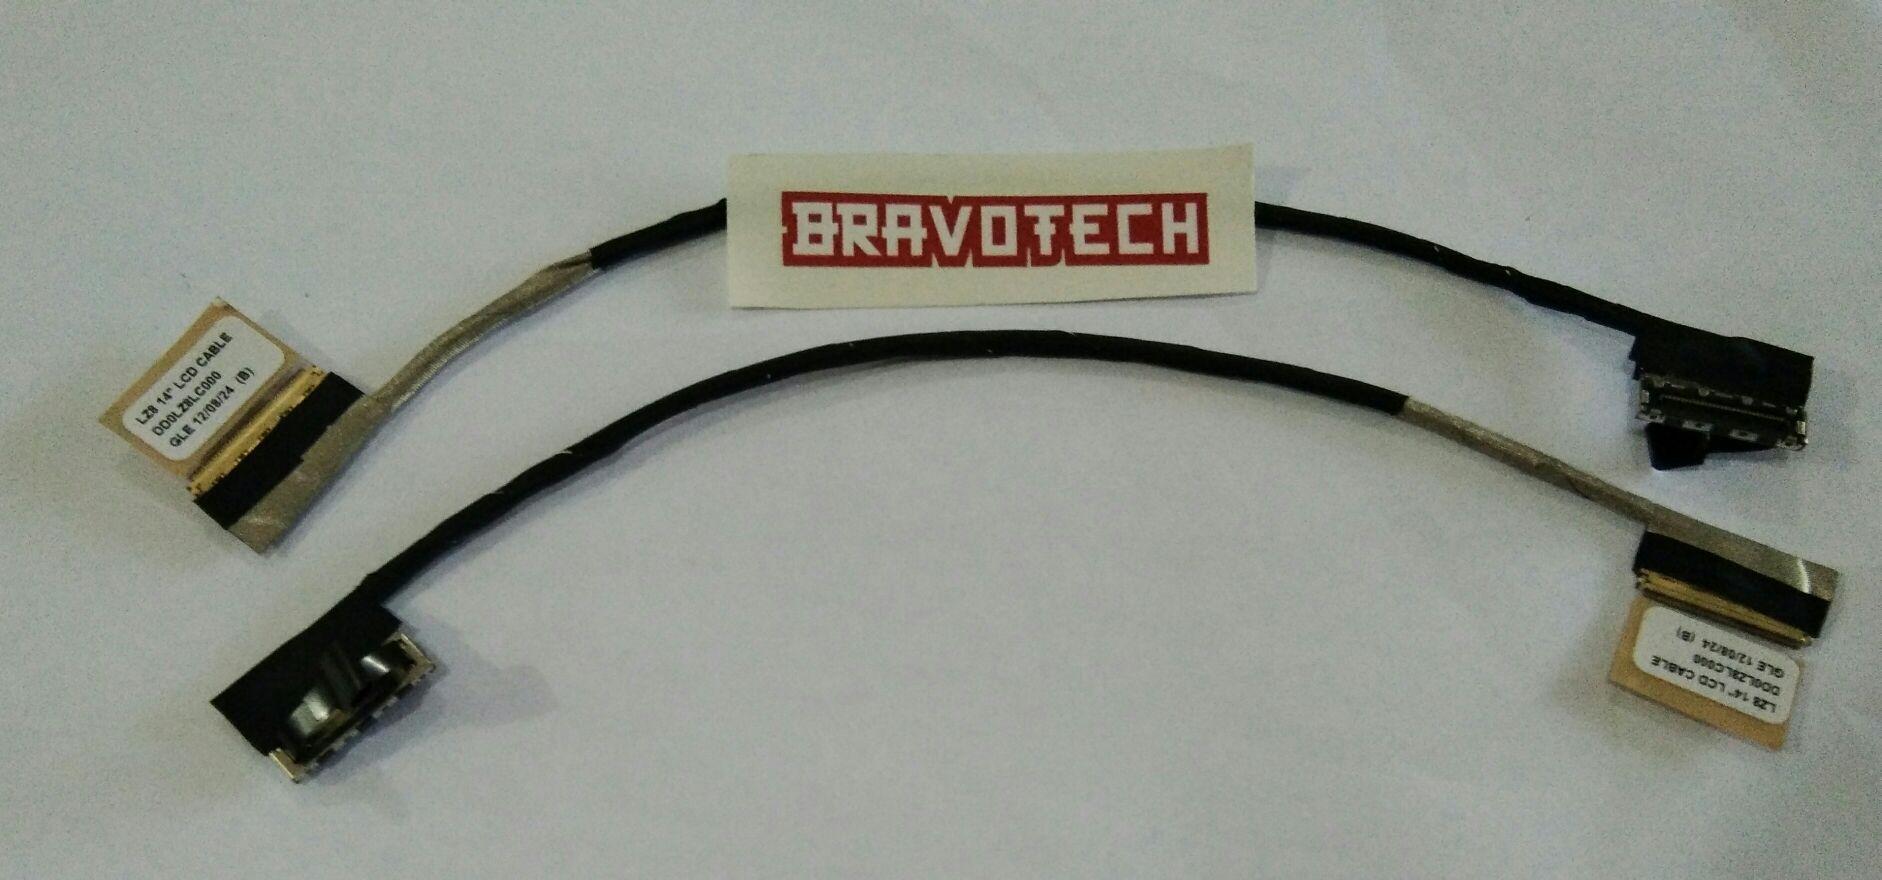 LENOVO Cable flexible laptop Ideapad U410 U310a U310